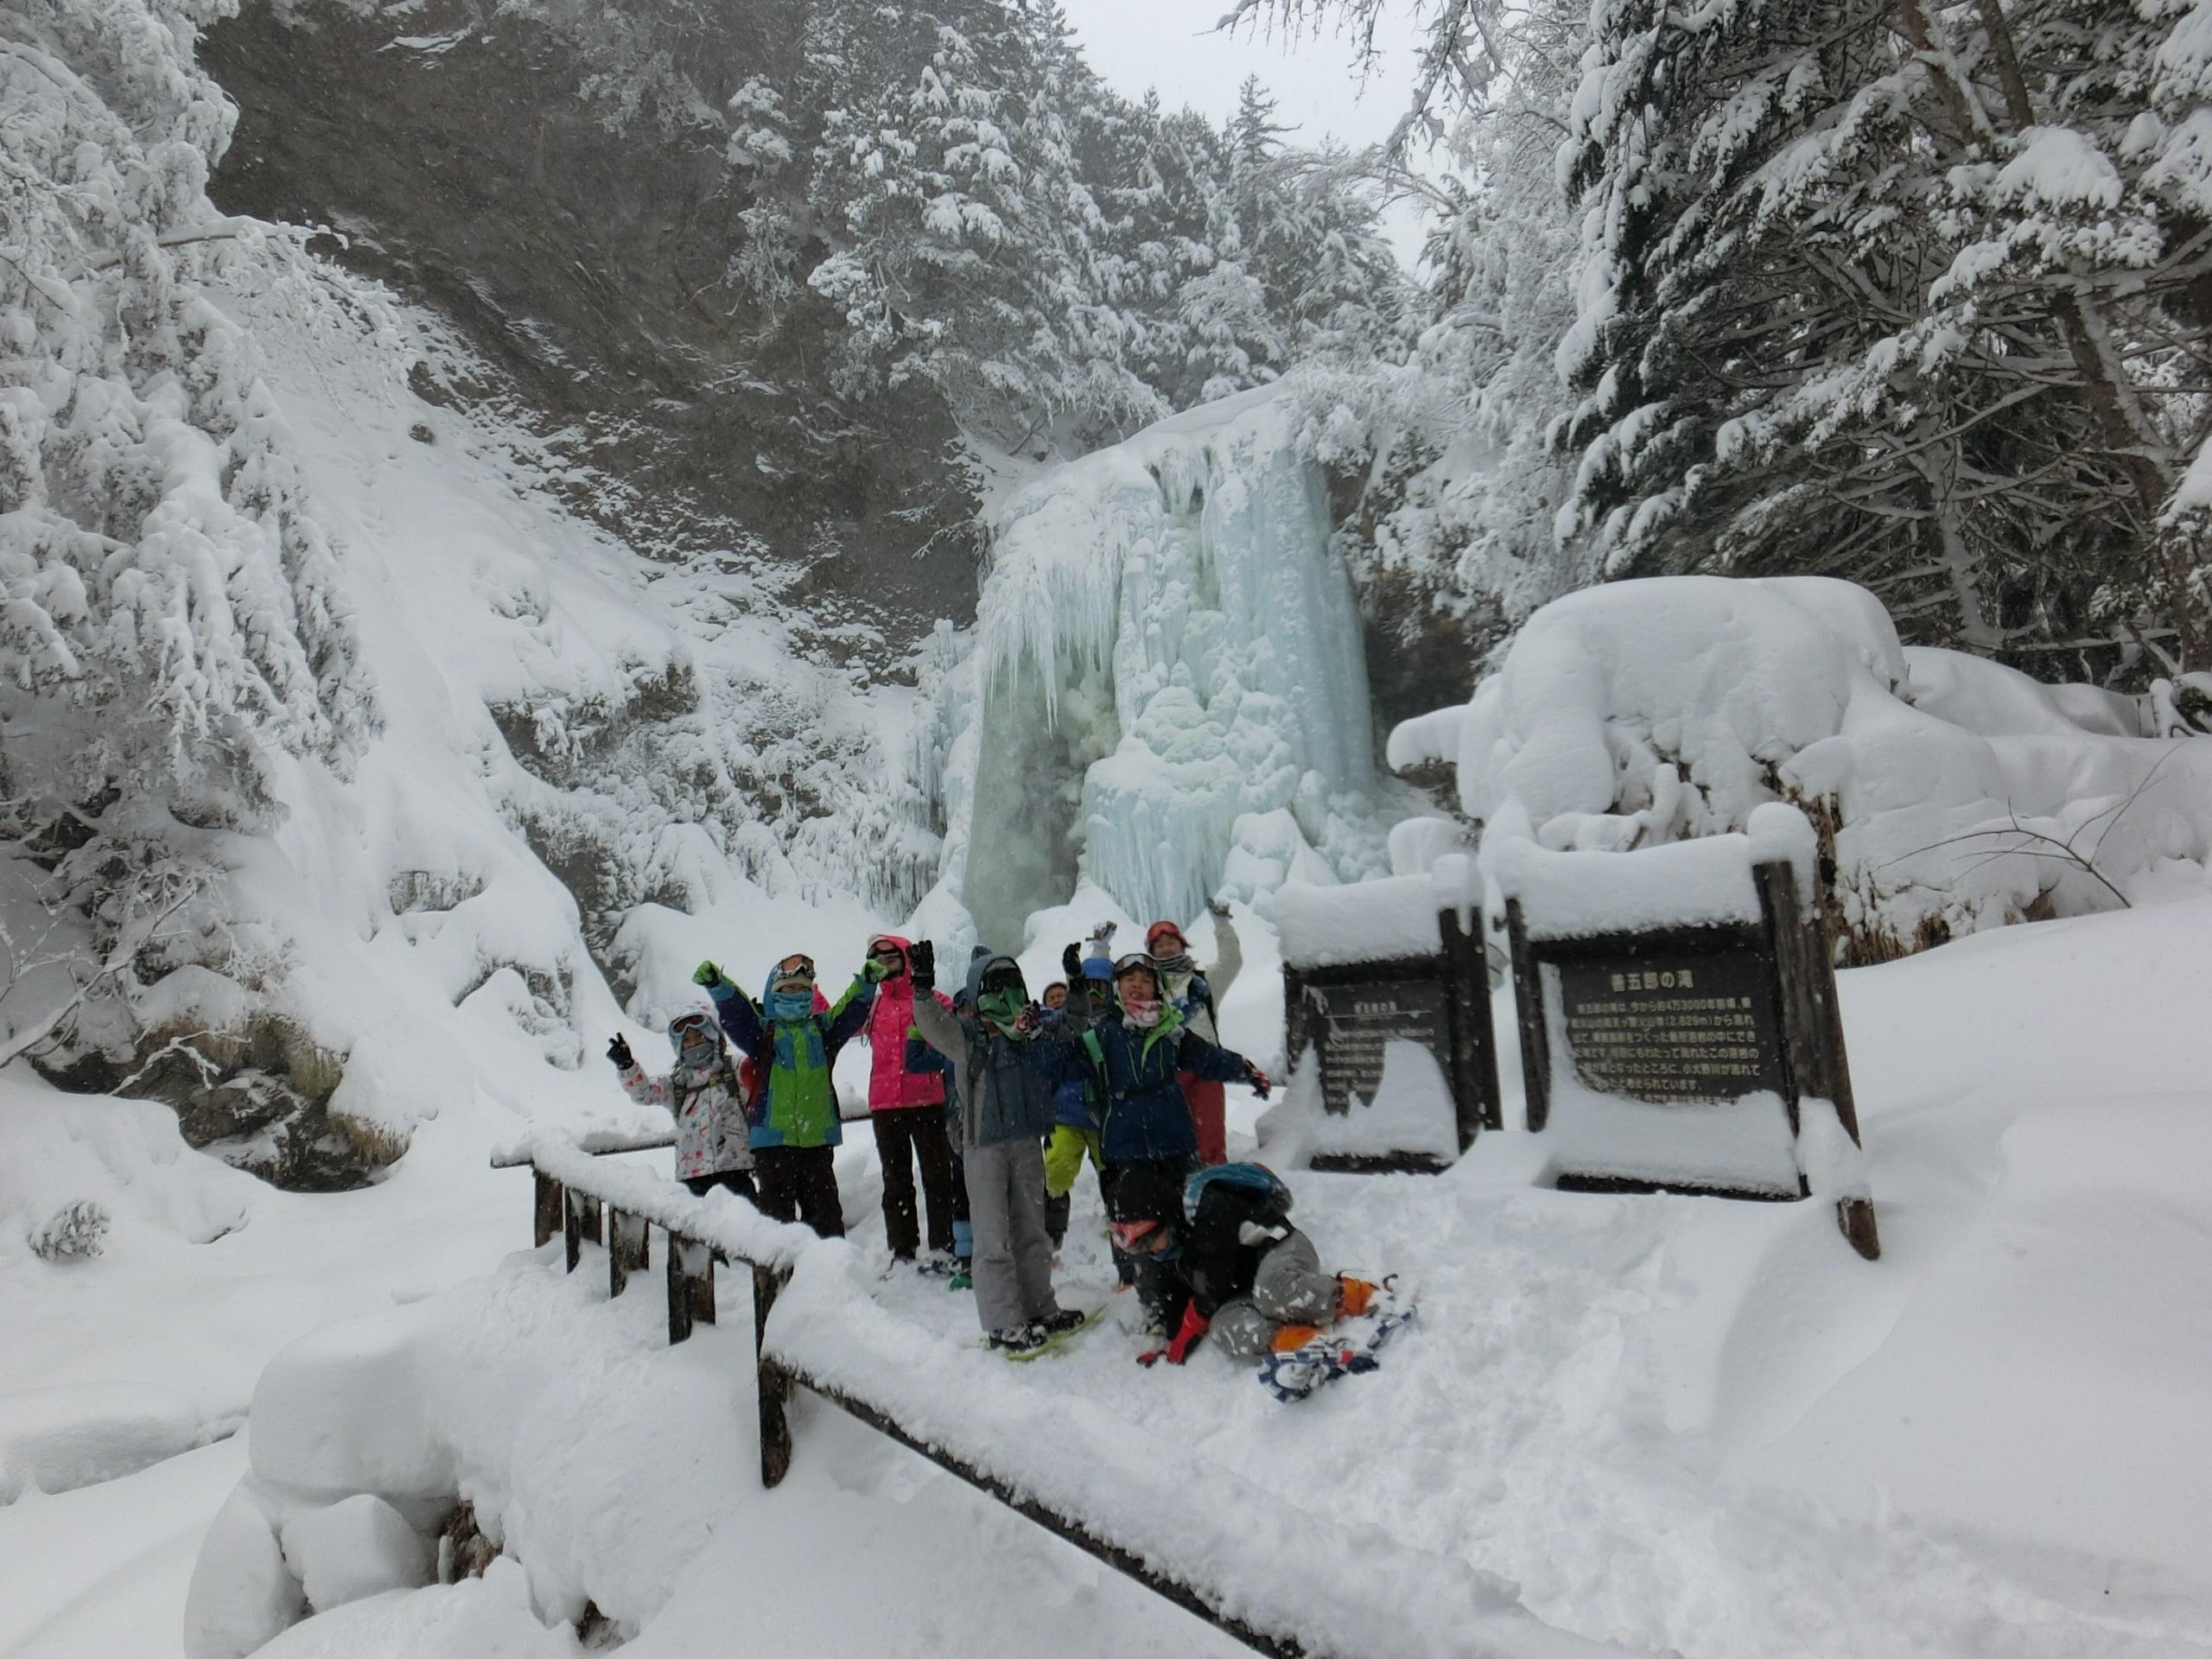 冬の冒険キャンプin乗鞍高原 参加者募集(12/26~12/29・3泊4日)